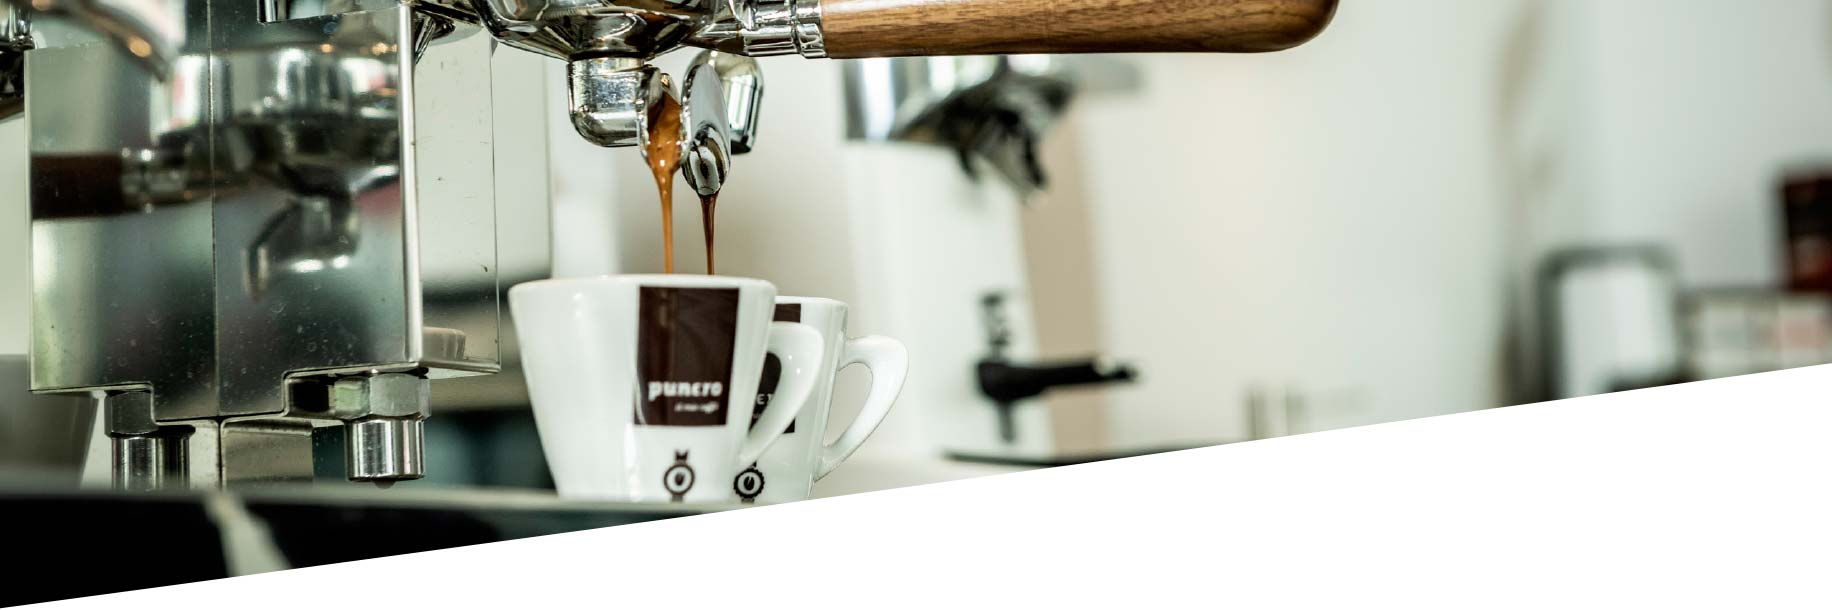 punero Kaffeetassen mit Siebträgermaschine